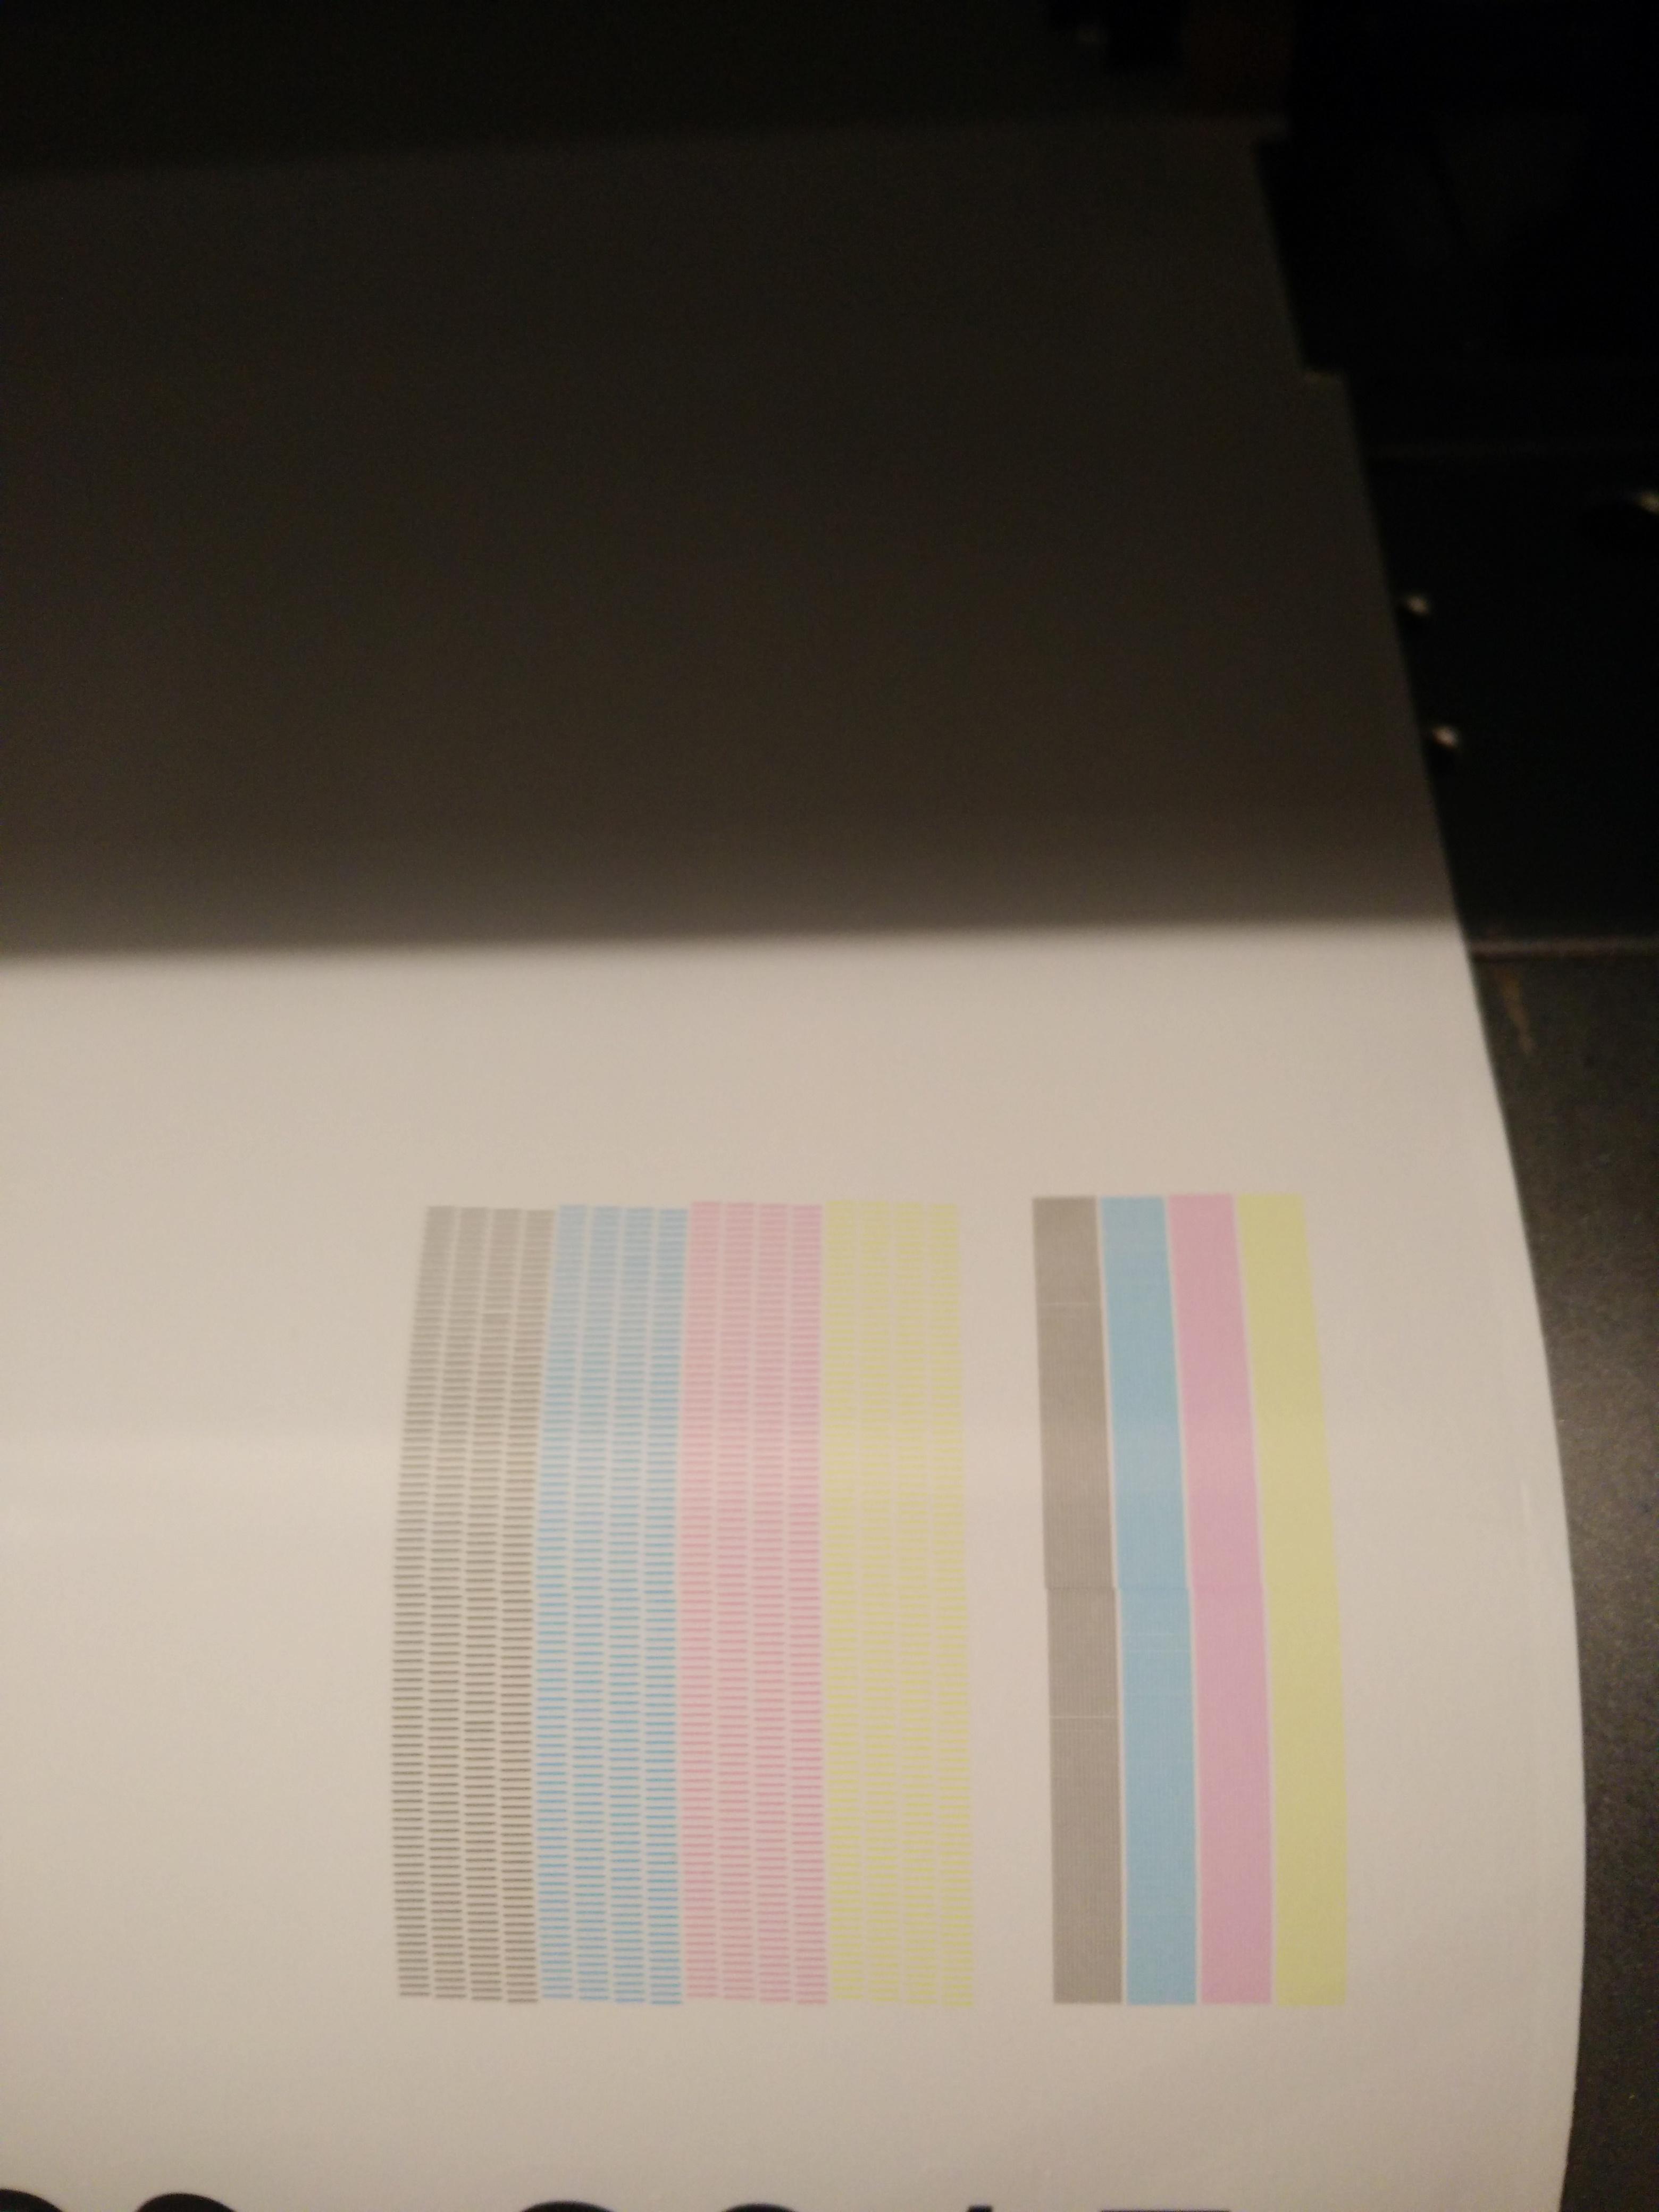 Vinyl Banners Printing Machine